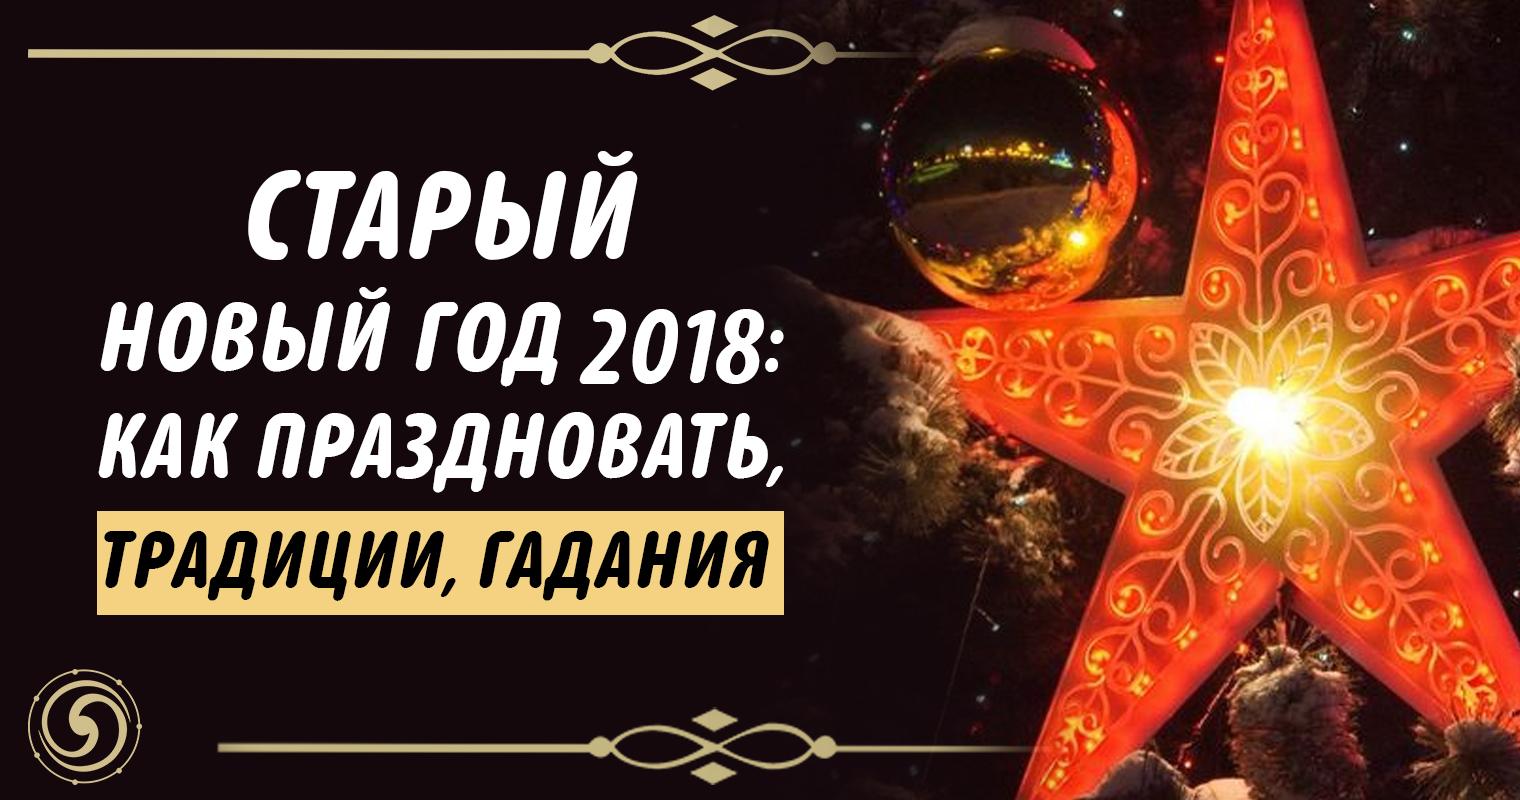 Гадания в Новогоднюю ночь 2018: узнай, что ждет впереди